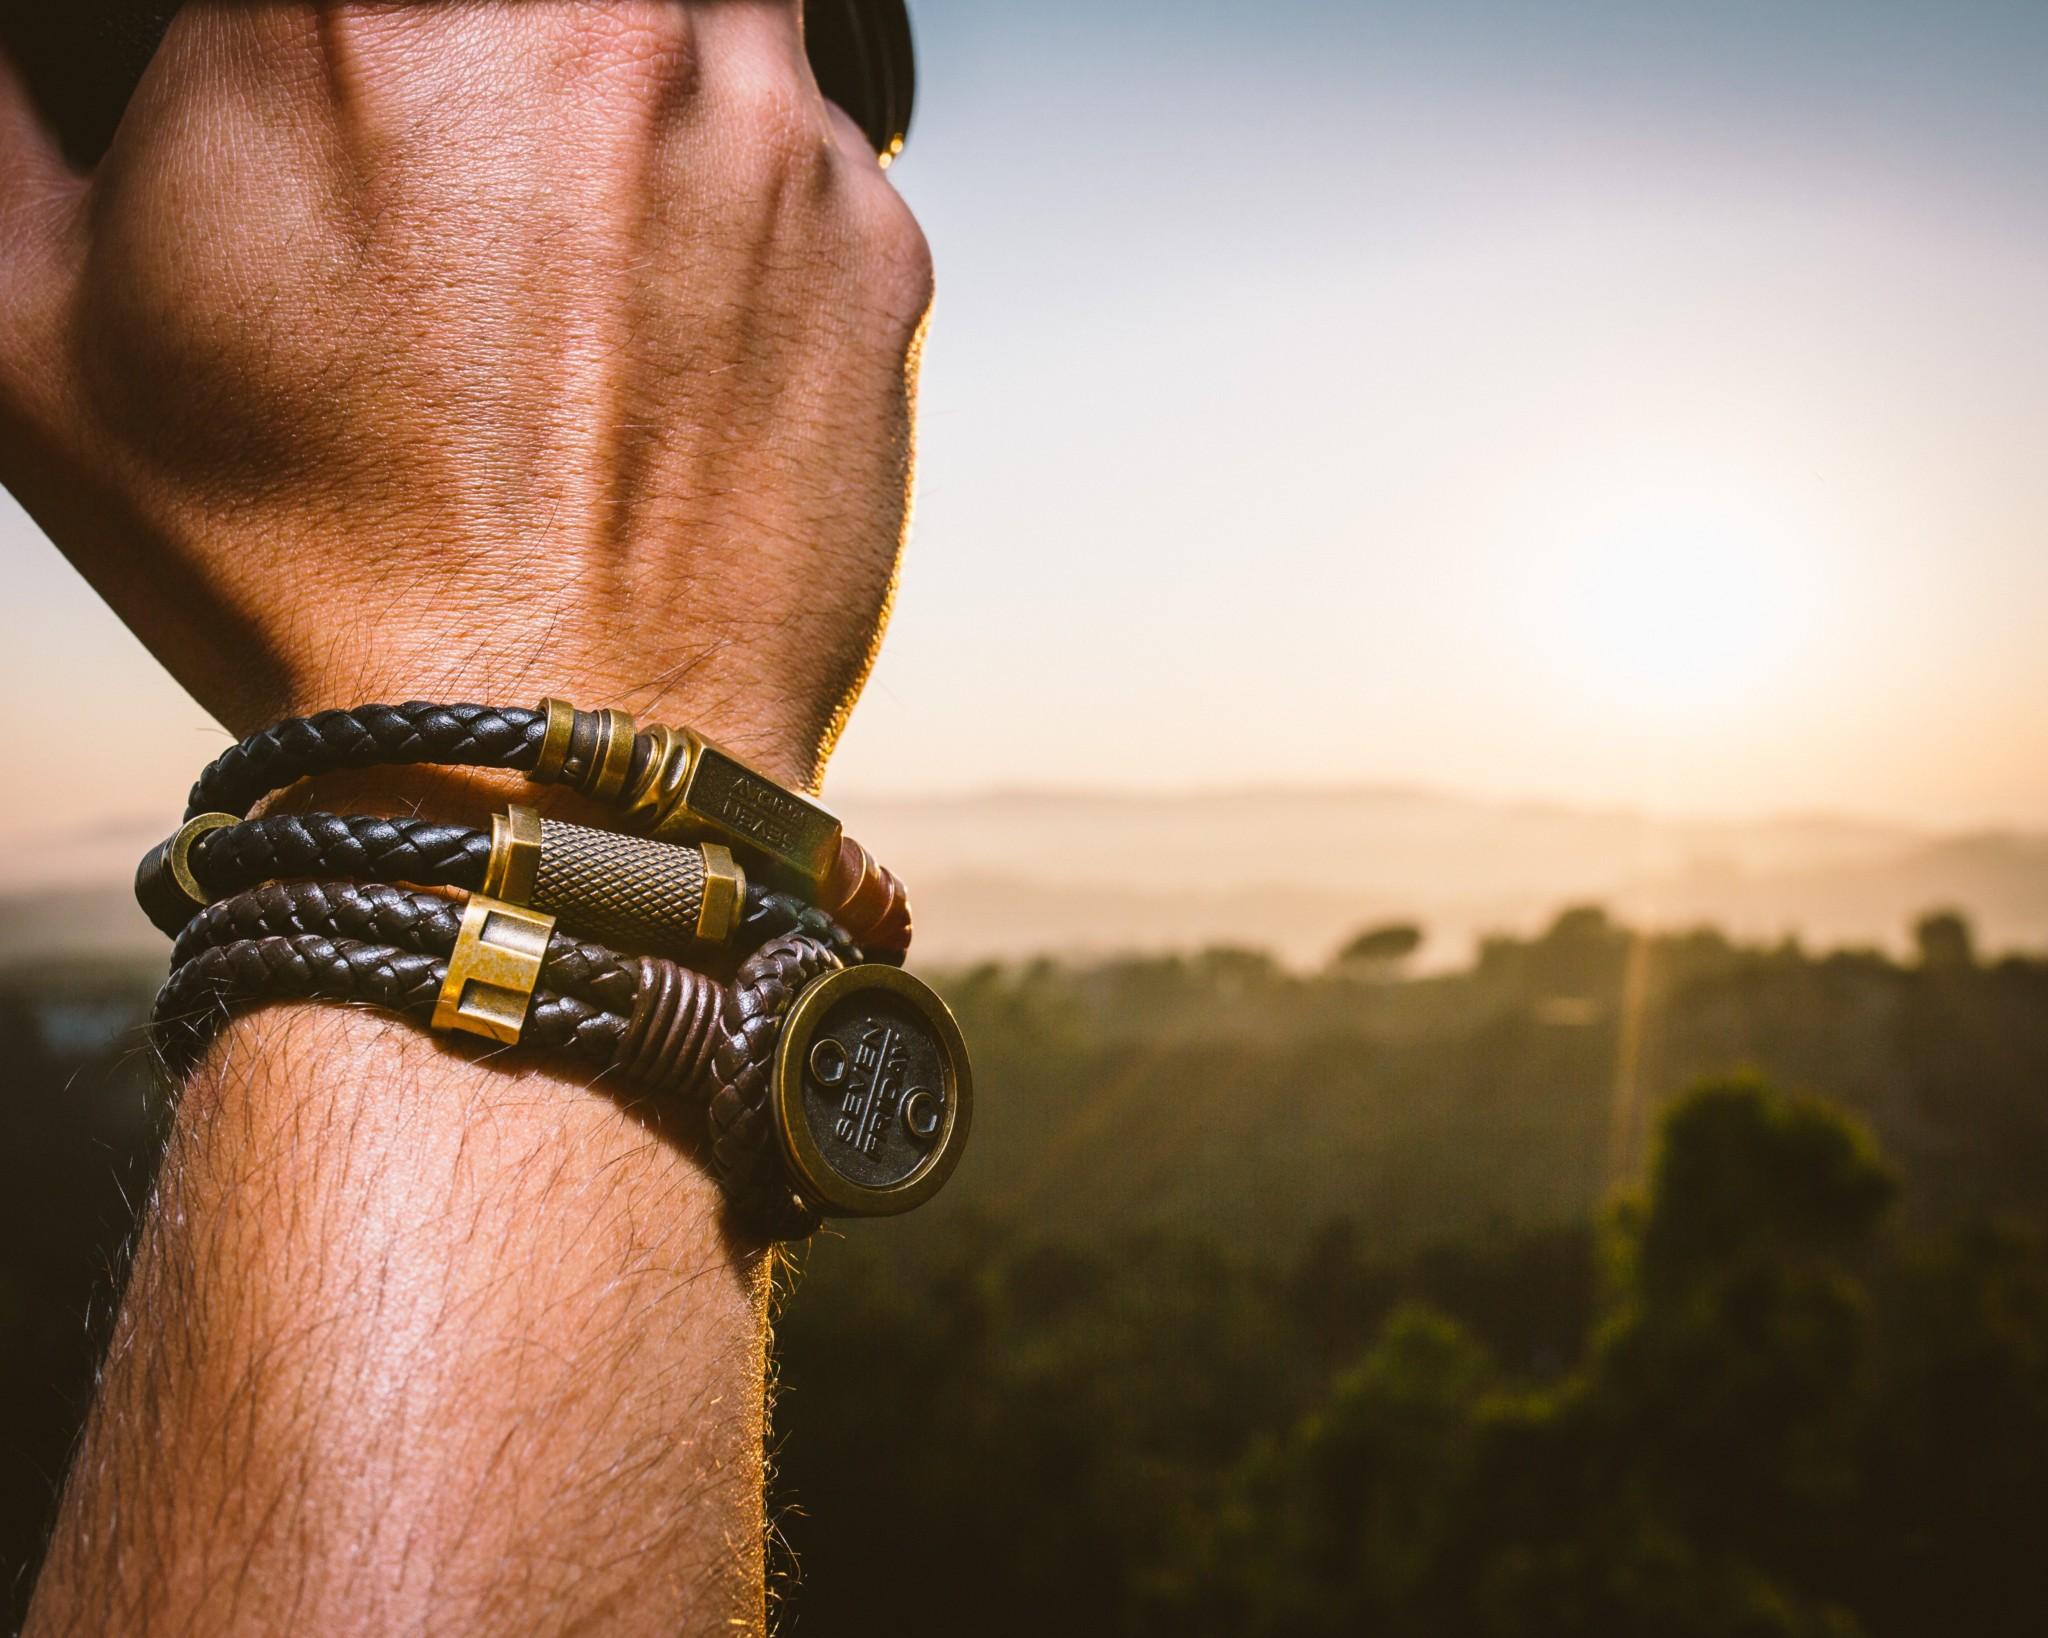 Sevenfriday bracelets